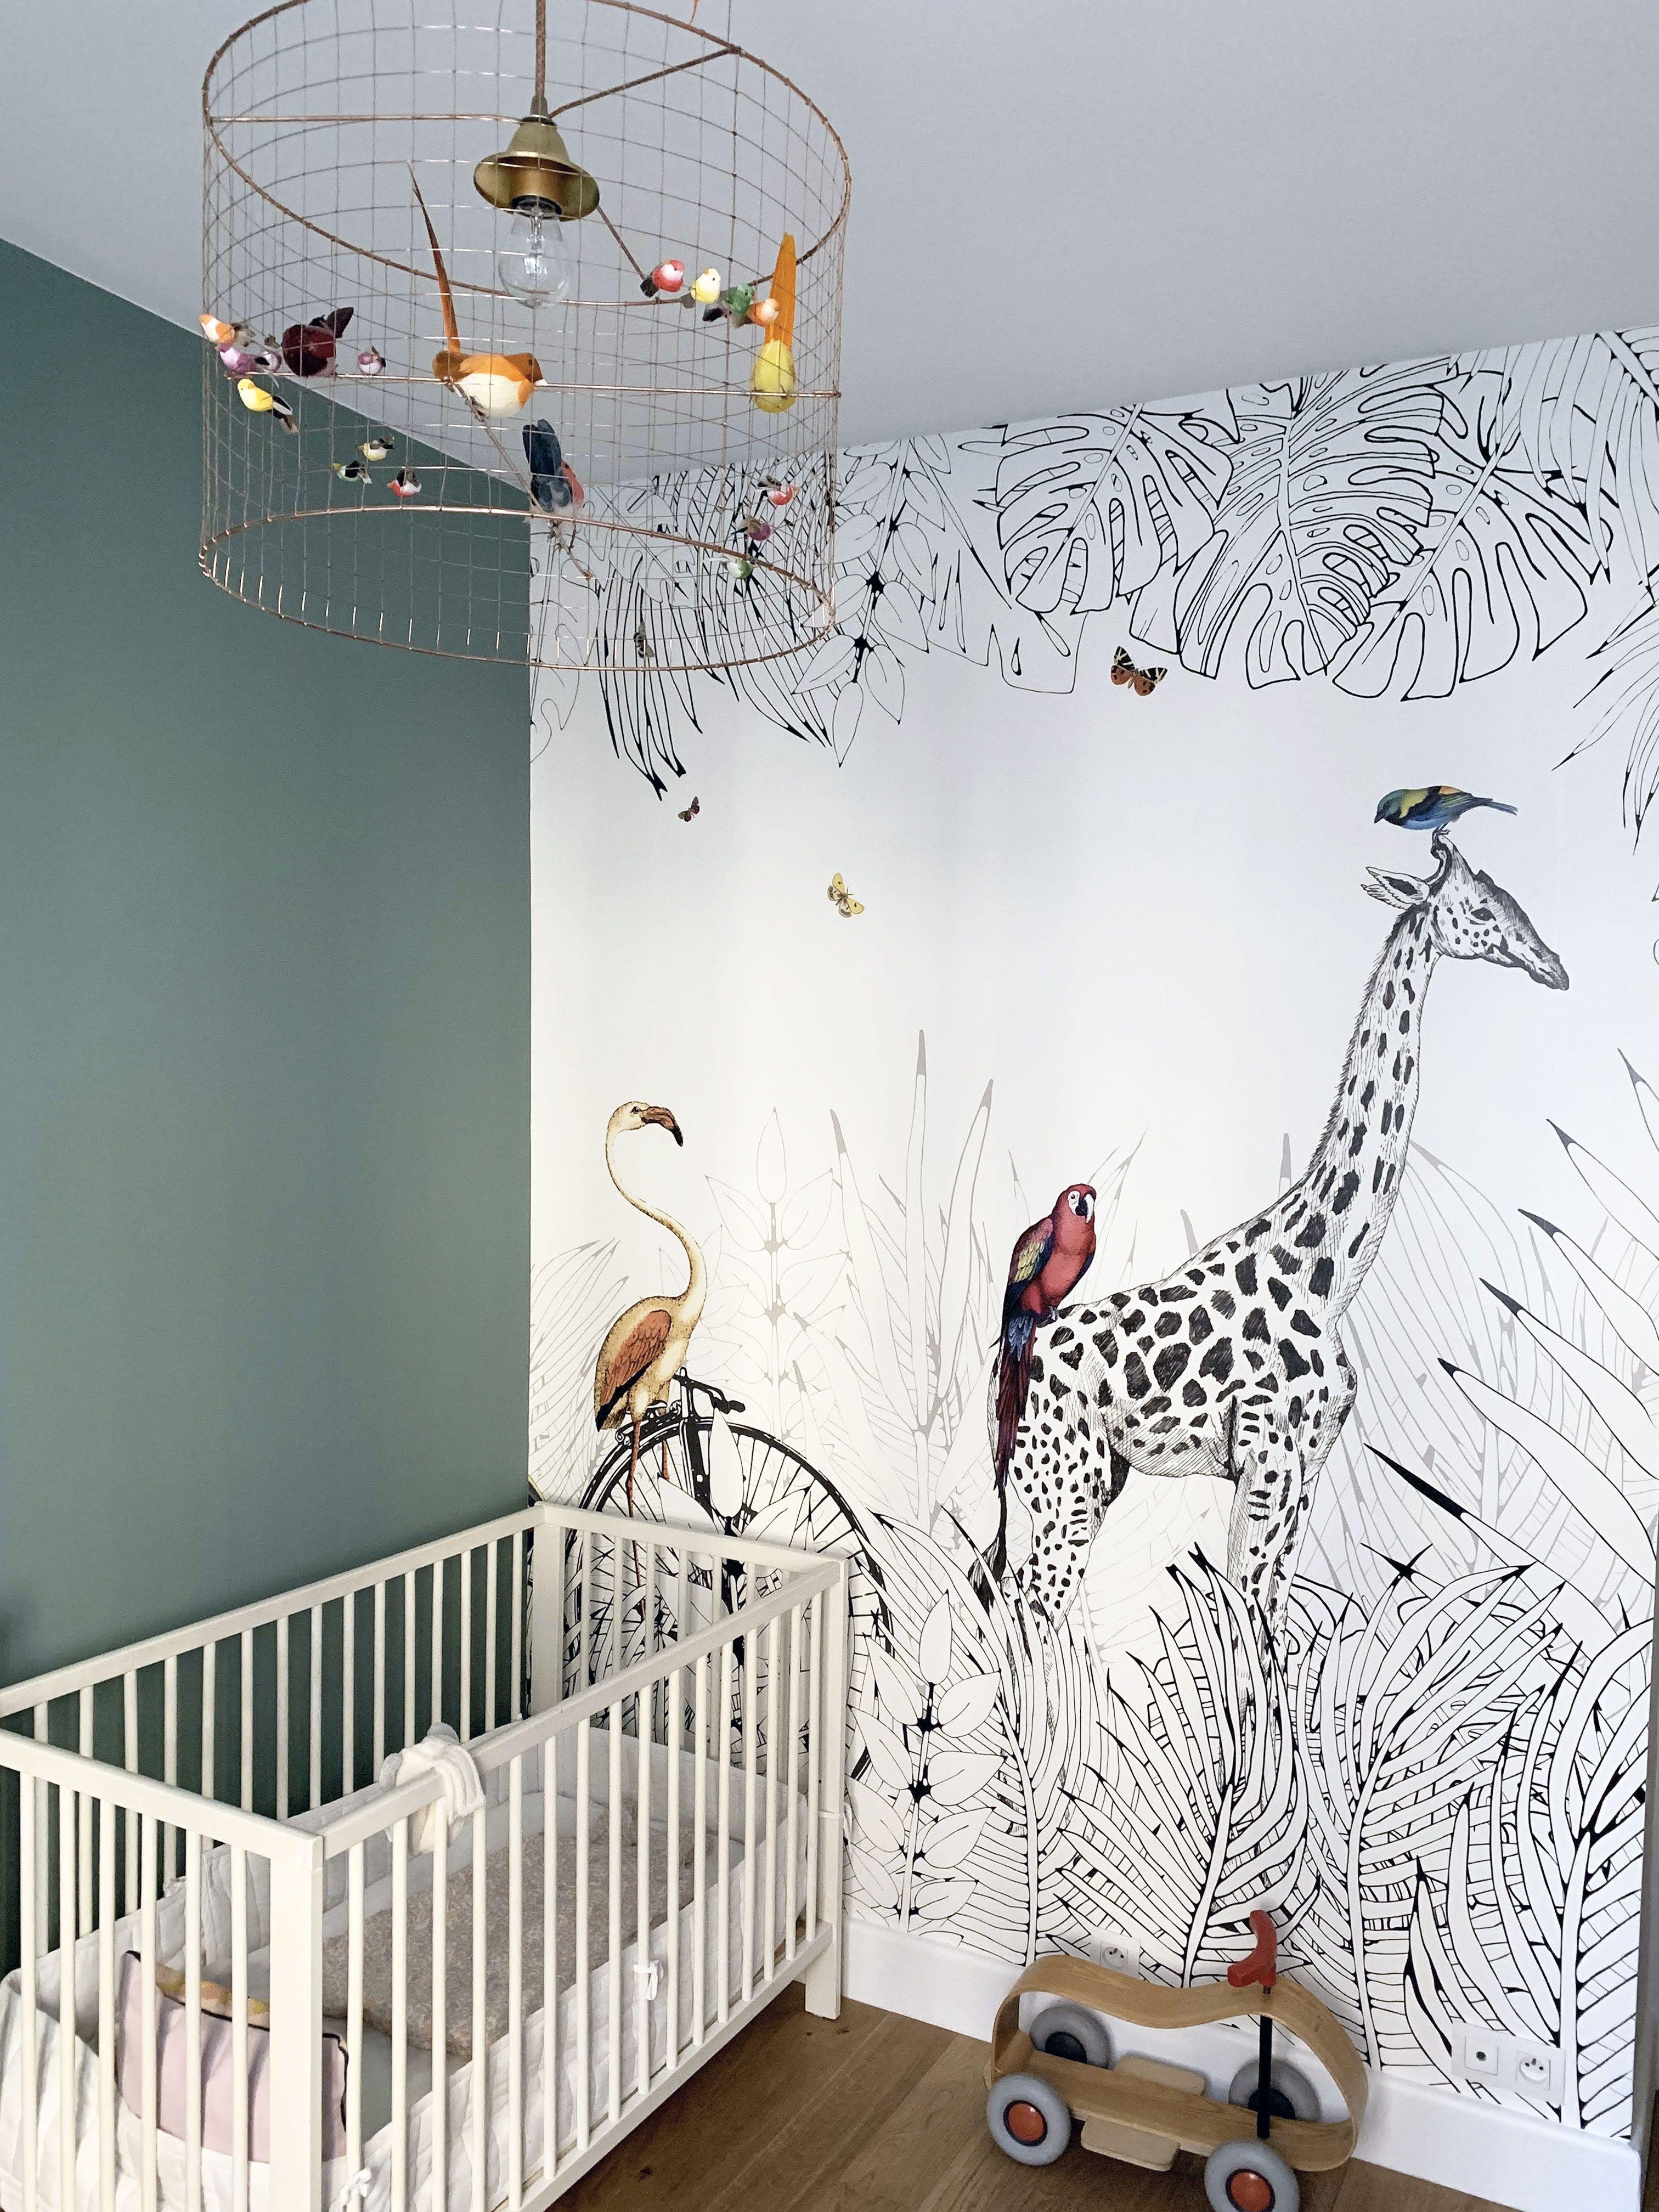 Notre papier peint panoramique Metrozoo dans une chambre de bébé